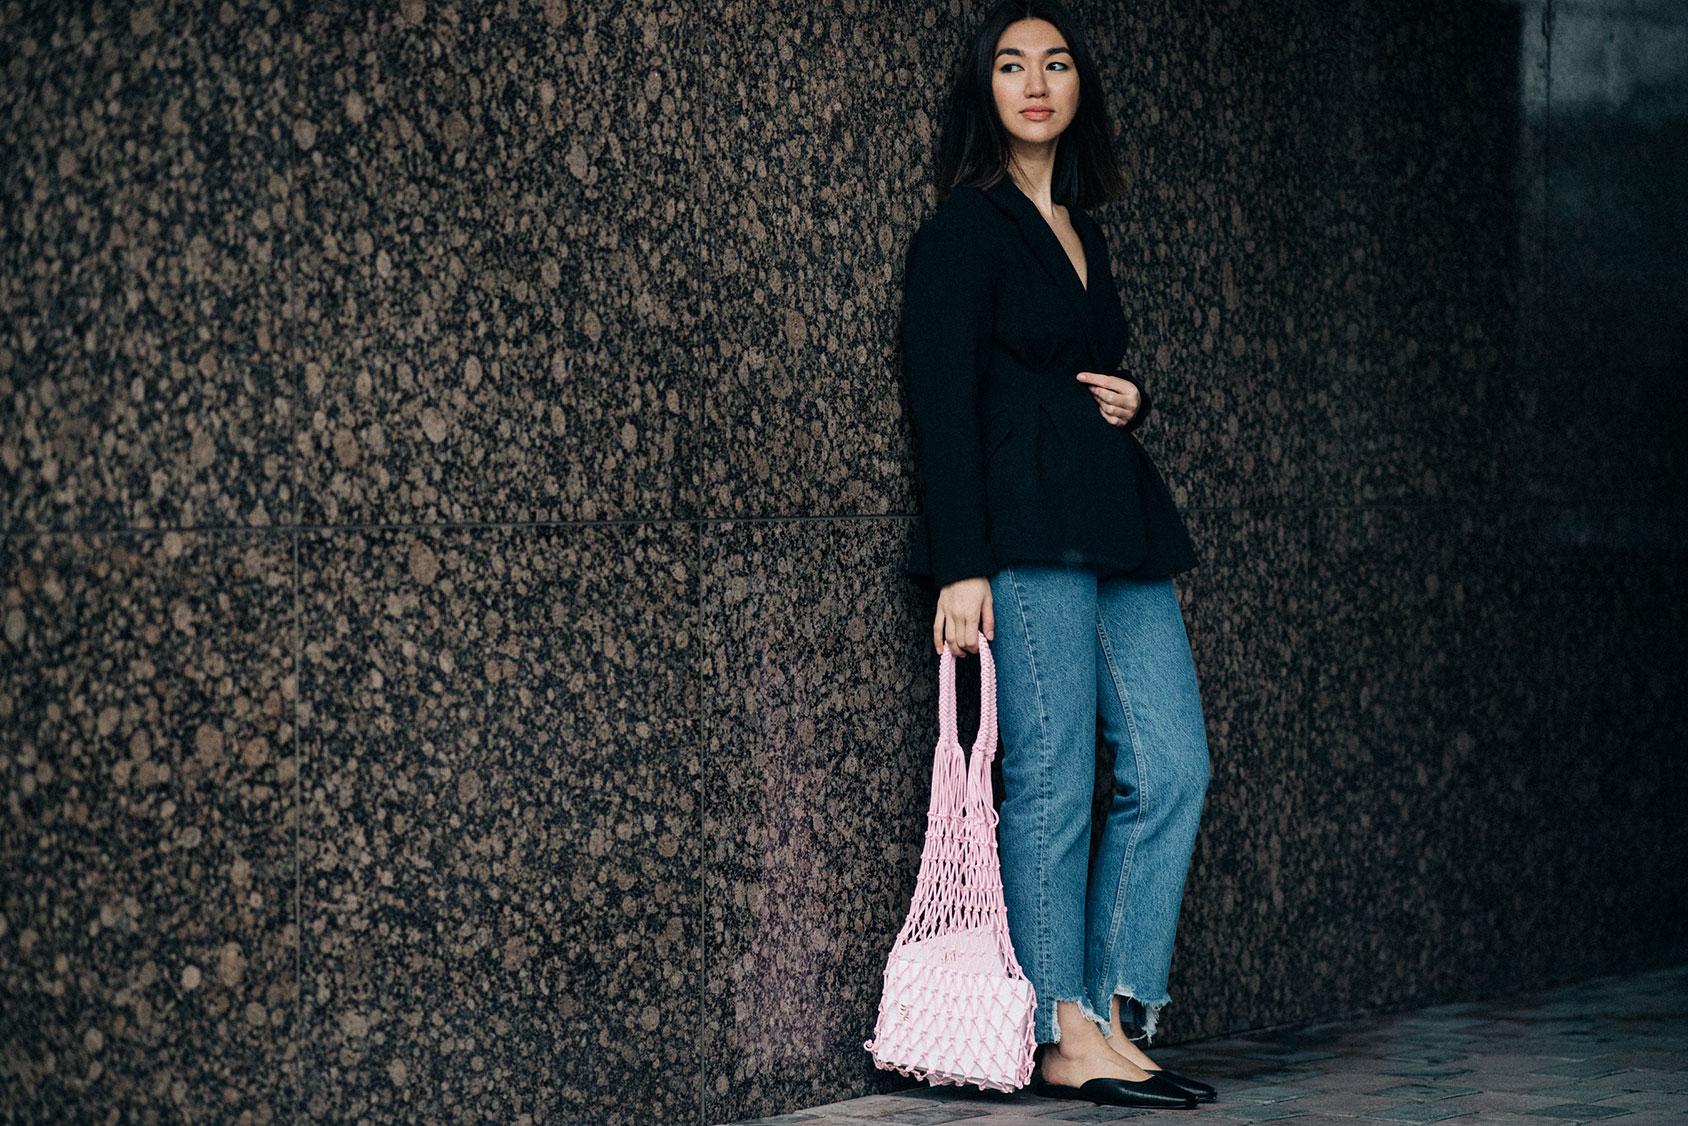 H&Mのジーンズを穿いたメルエルト・イブラギム